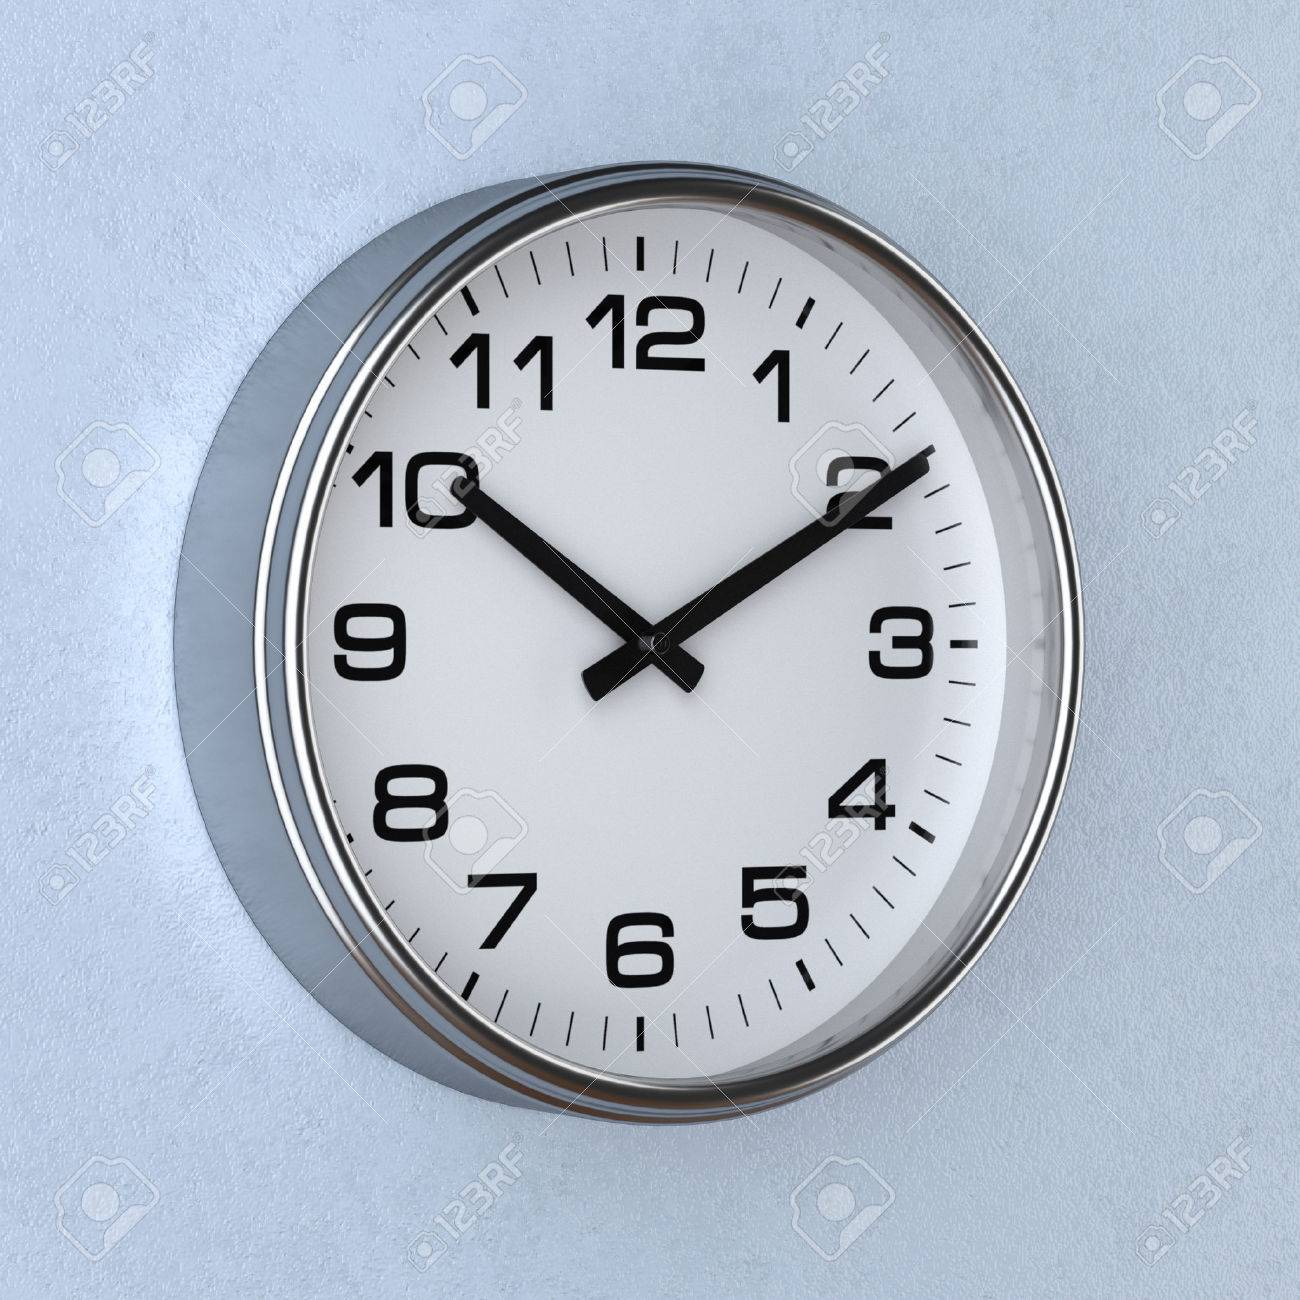 3d Reloj Representación Con Concepto Pared O Tiempo La De El qzpSMGUV